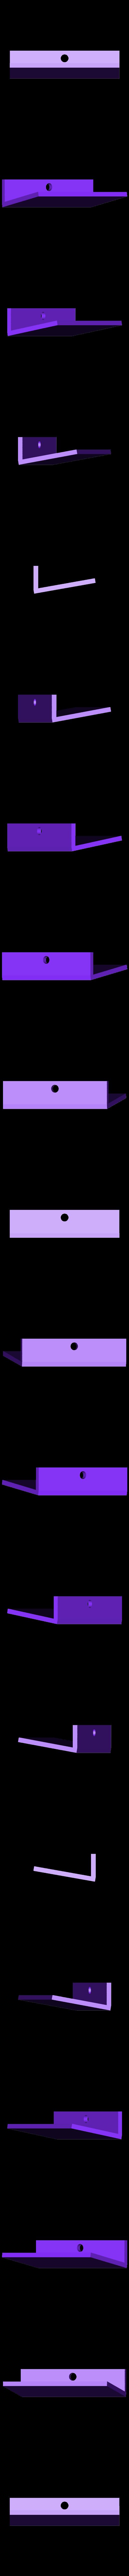 cam_mount_2020_10deg.stl Télécharger fichier SCAD gratuit 2020 Extrusion Corner Camera Mount • Plan imprimable en 3D, terraprint